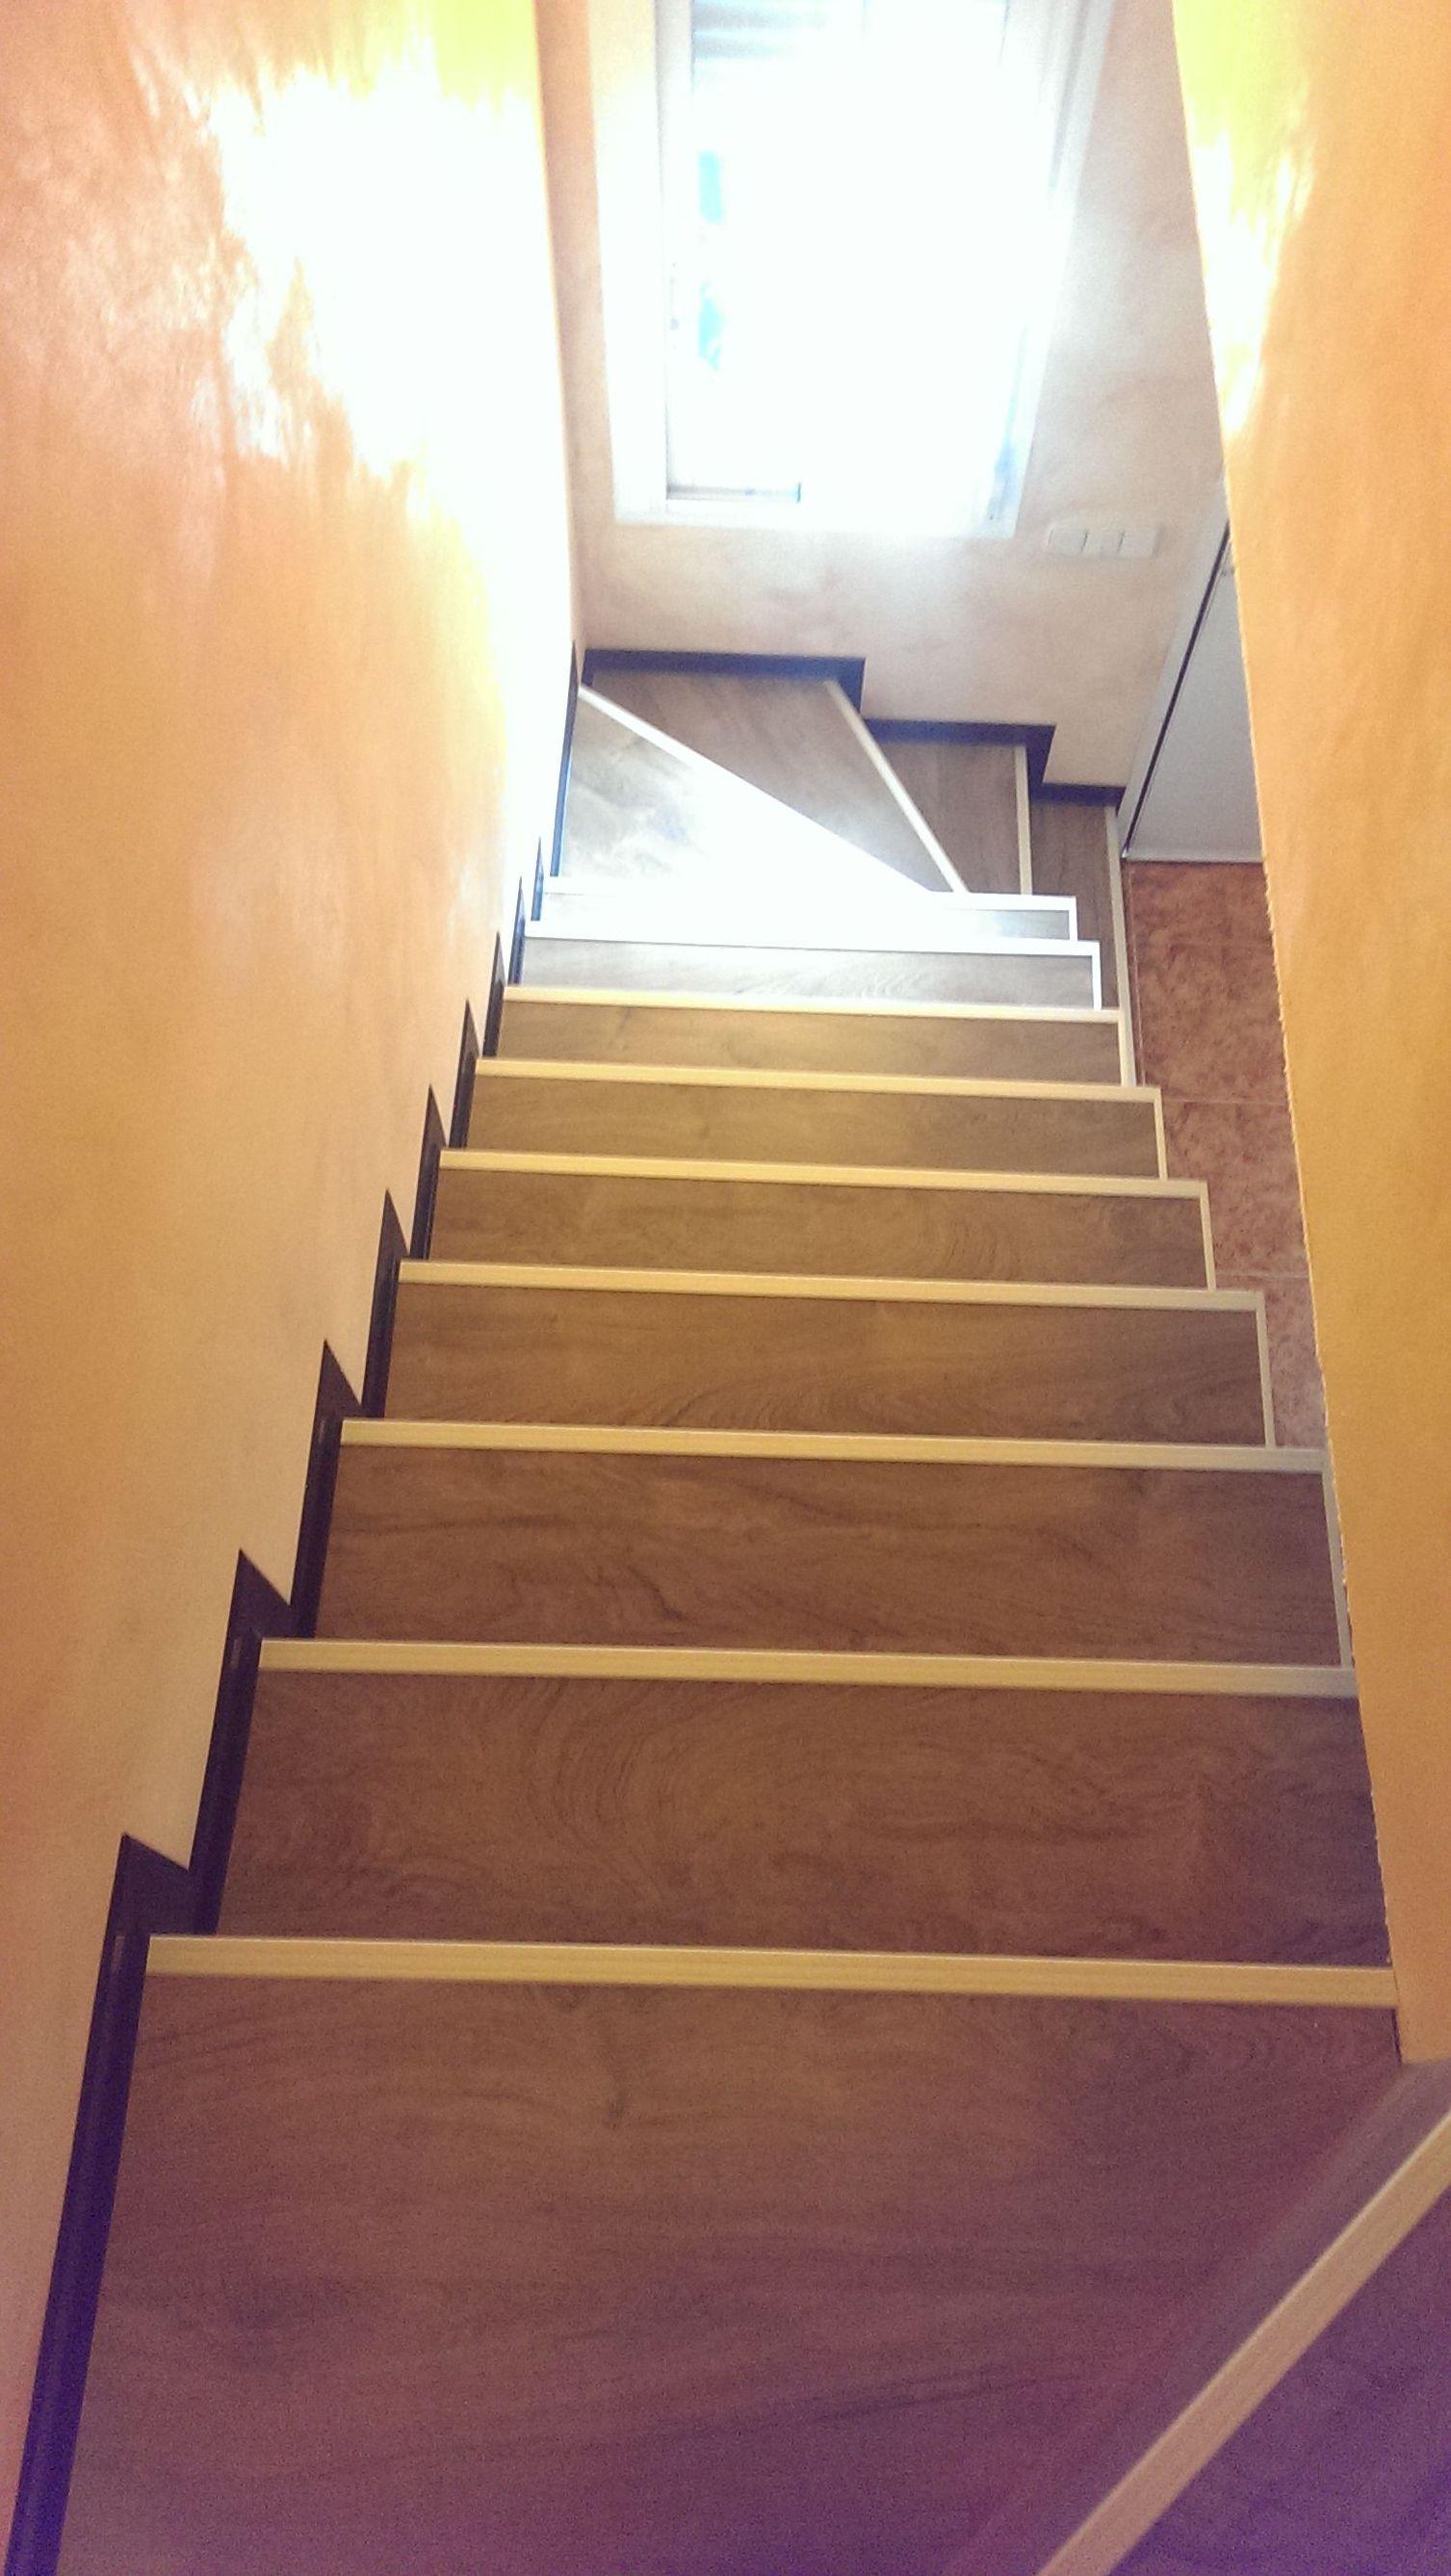 Escalera de tarima laminada con perfil en aluminio en Getafe